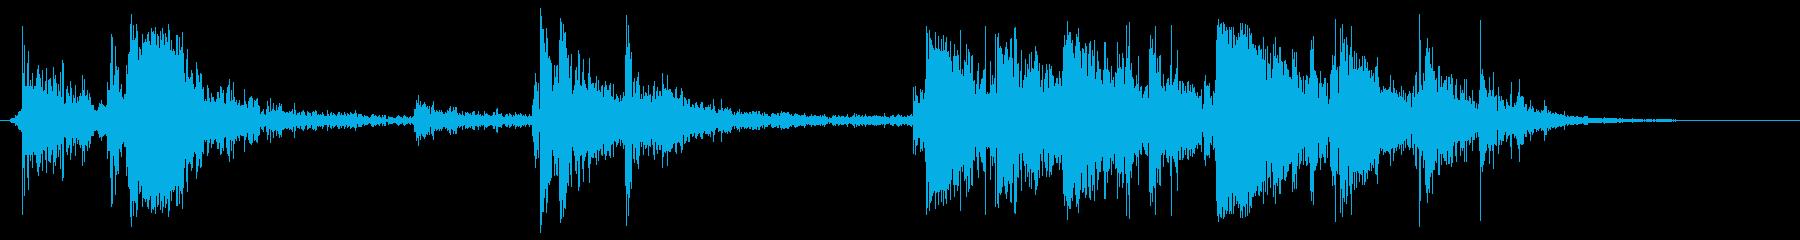 ガチャガチャをGETの再生済みの波形